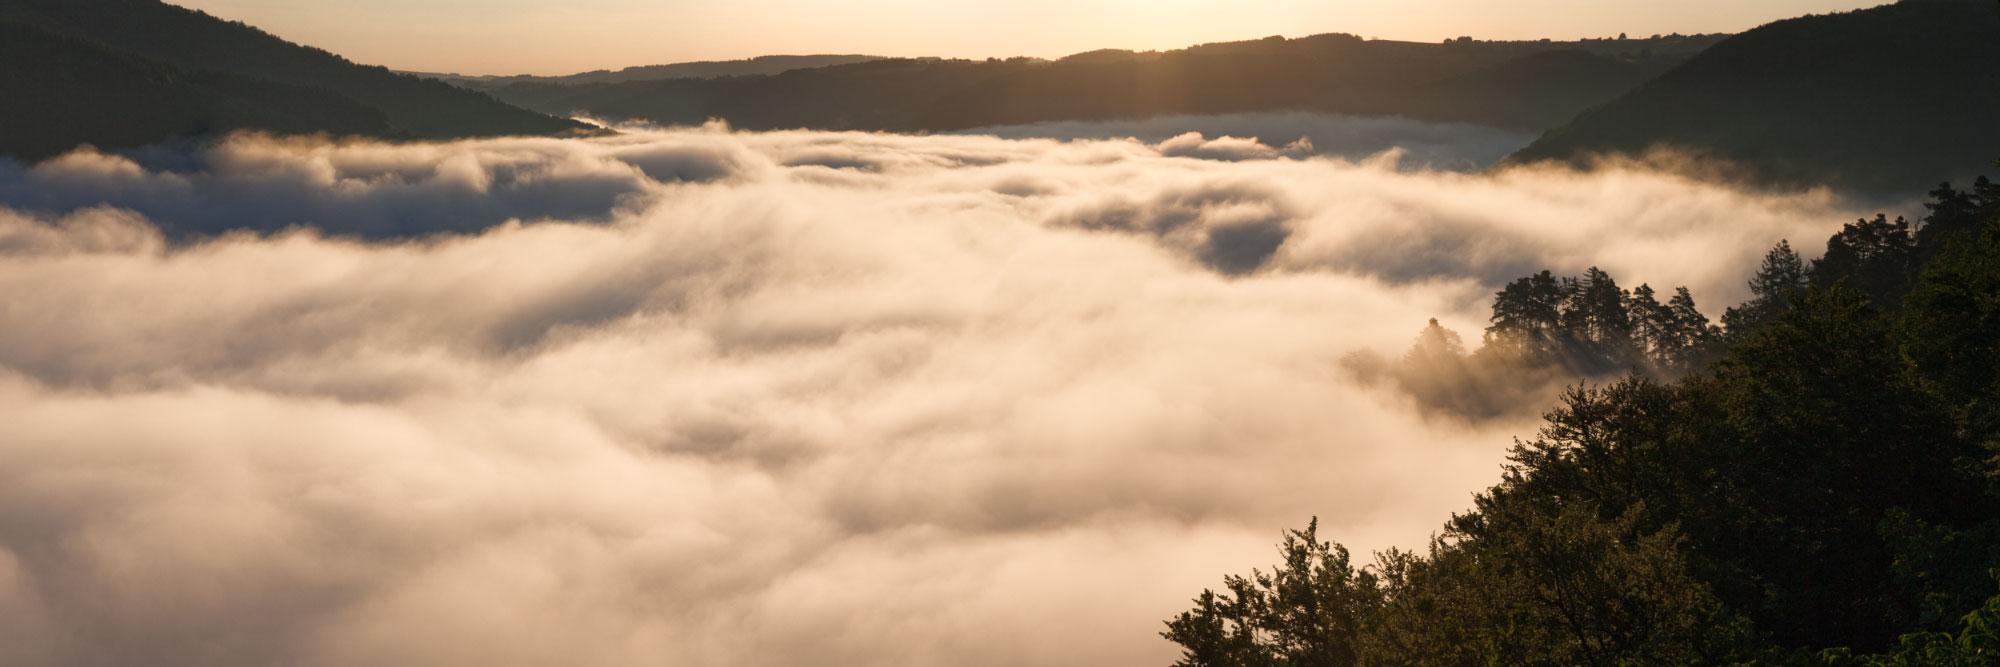 Brume sur la vallée de la Sioule, Queuille